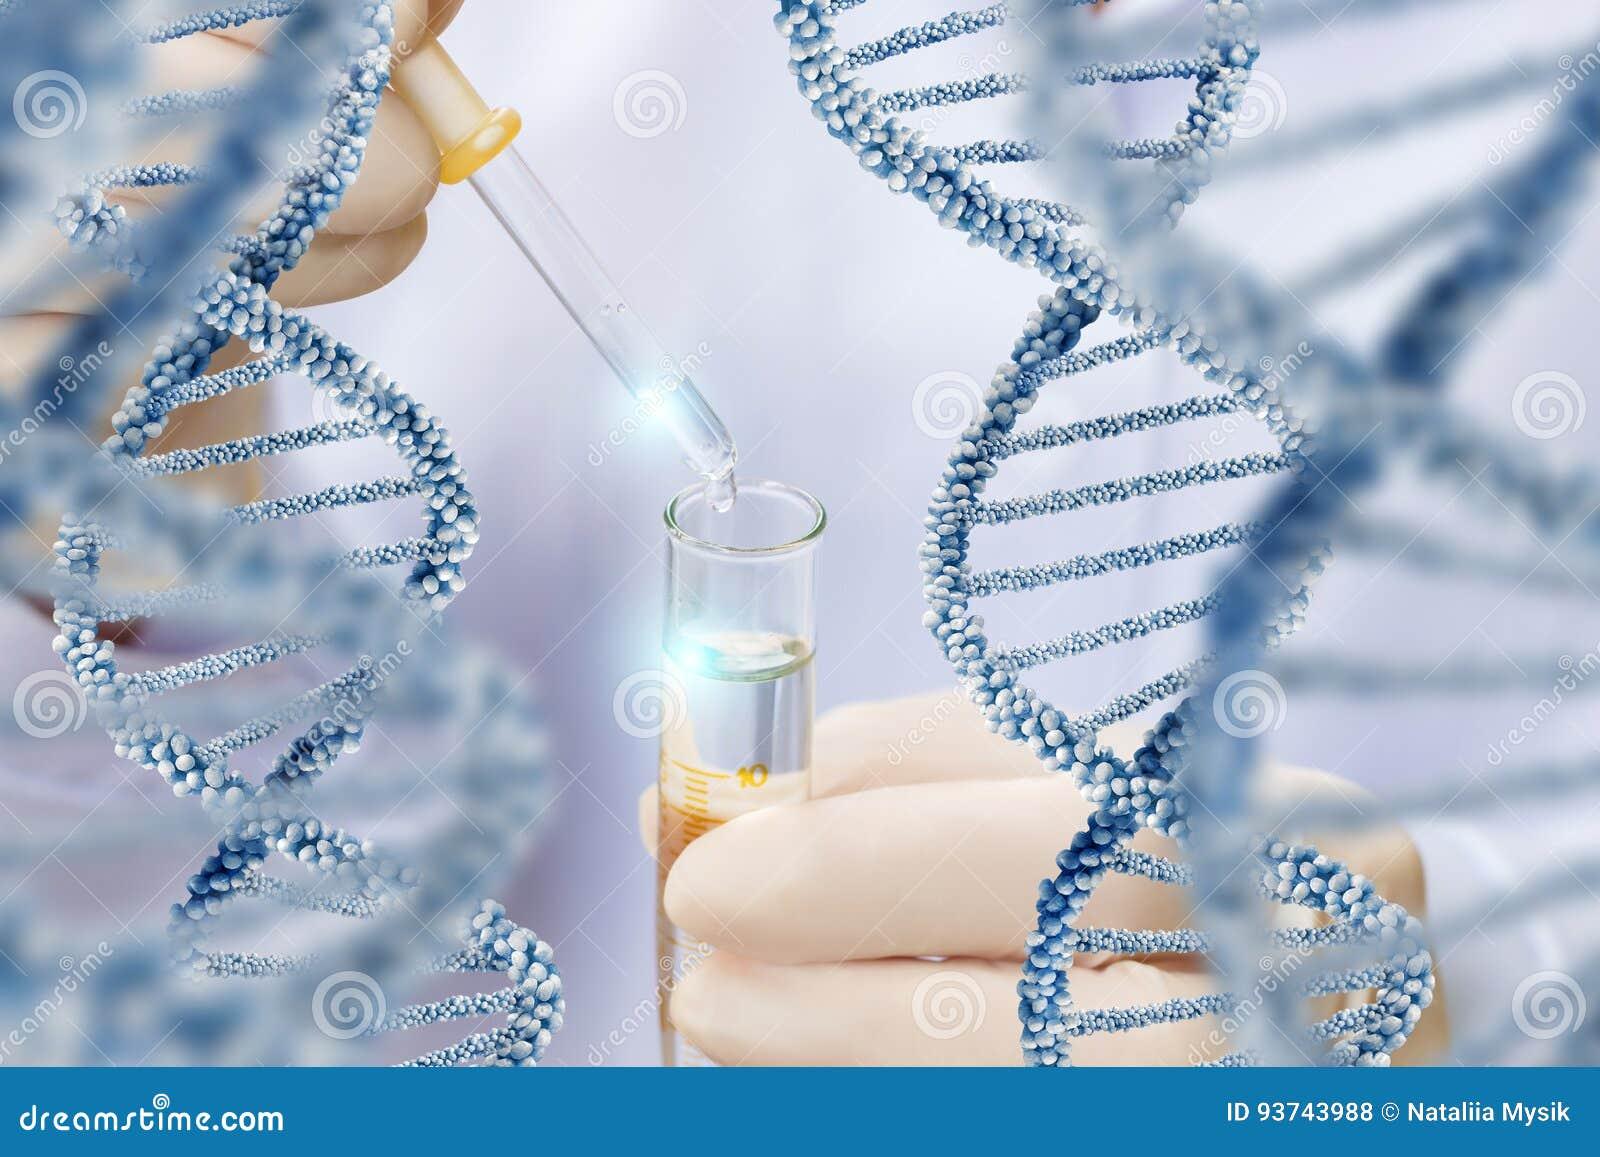 Исследование над структурой молекулы дна